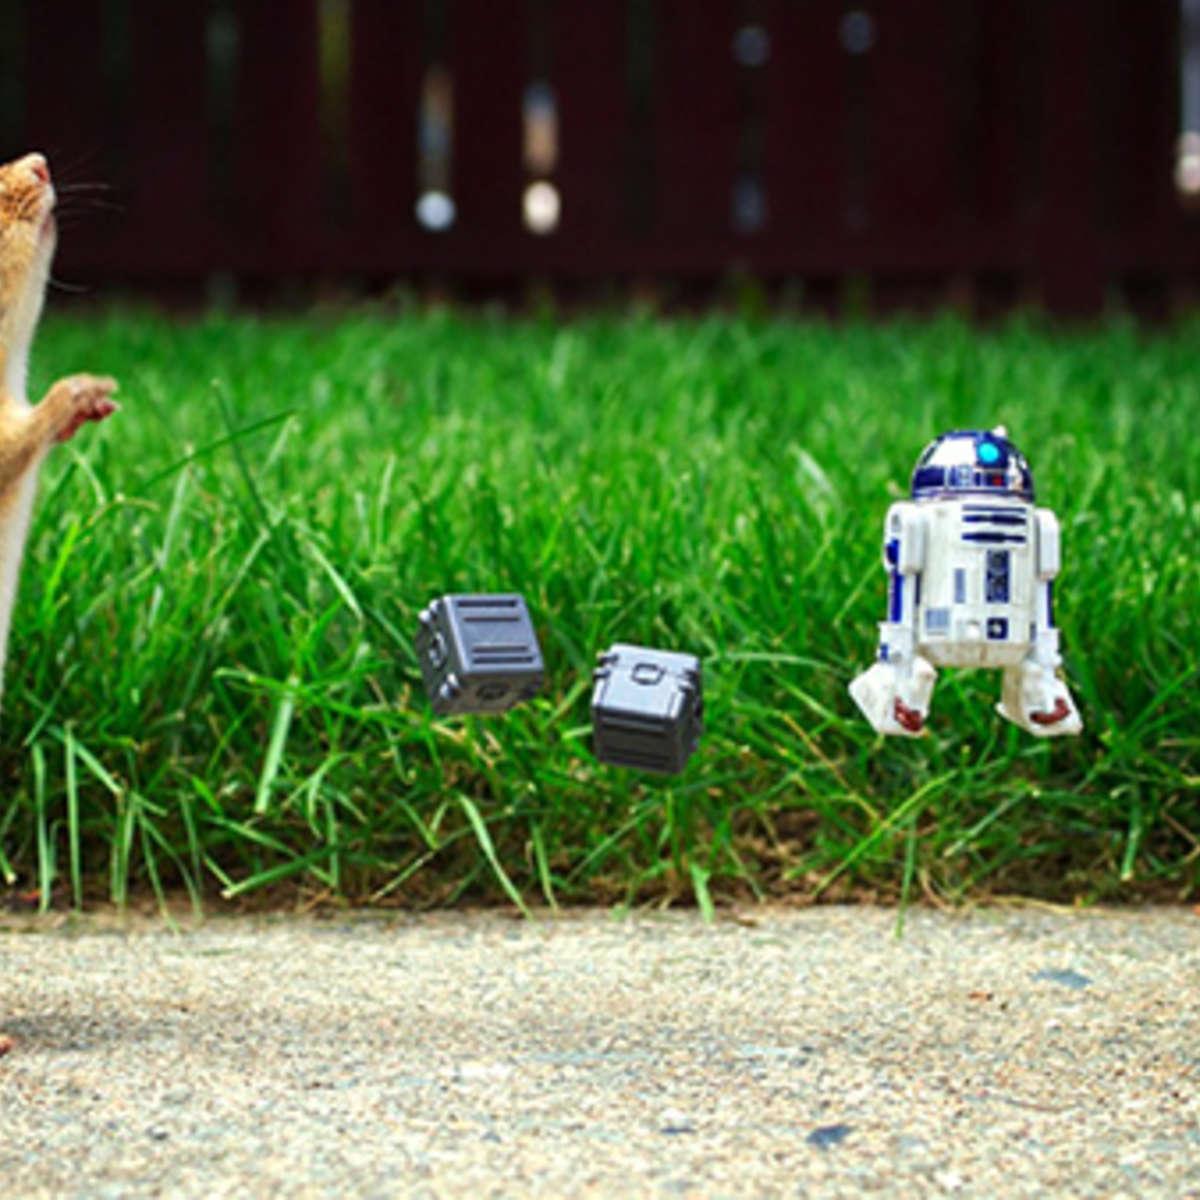 star-wars-chipmunk-4_0.jpg